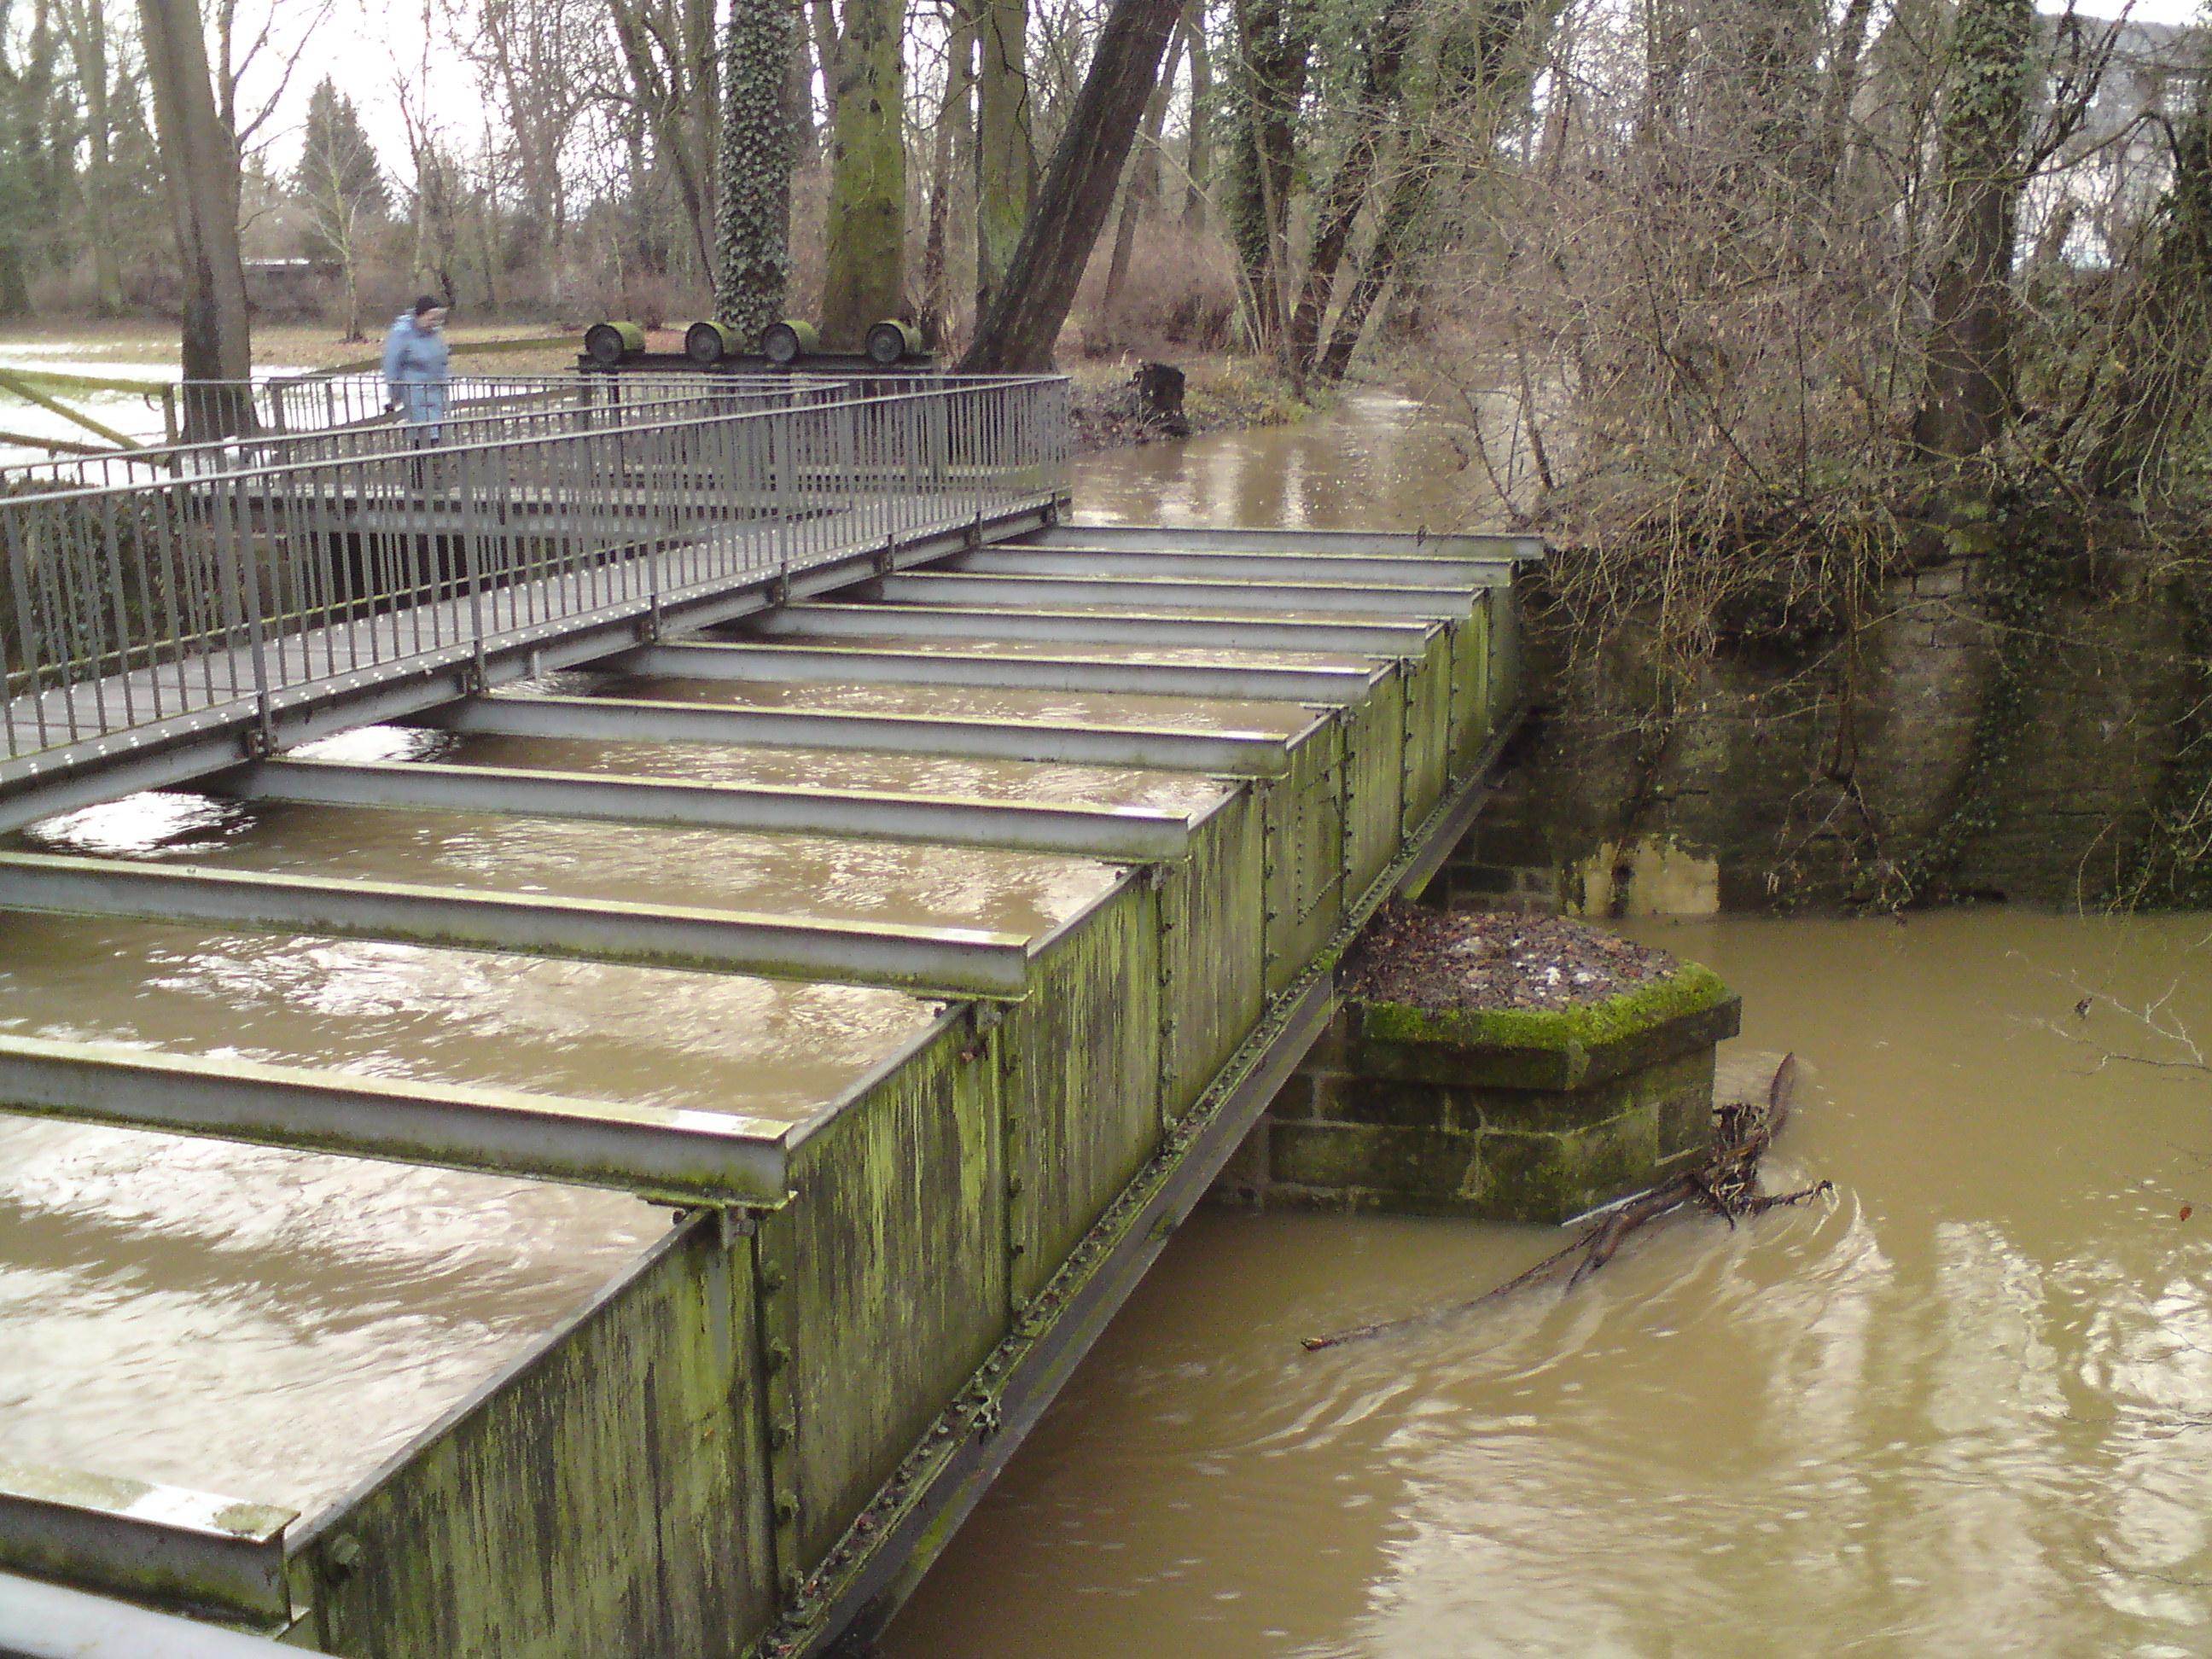 Trogbrücke Mühlenkanal